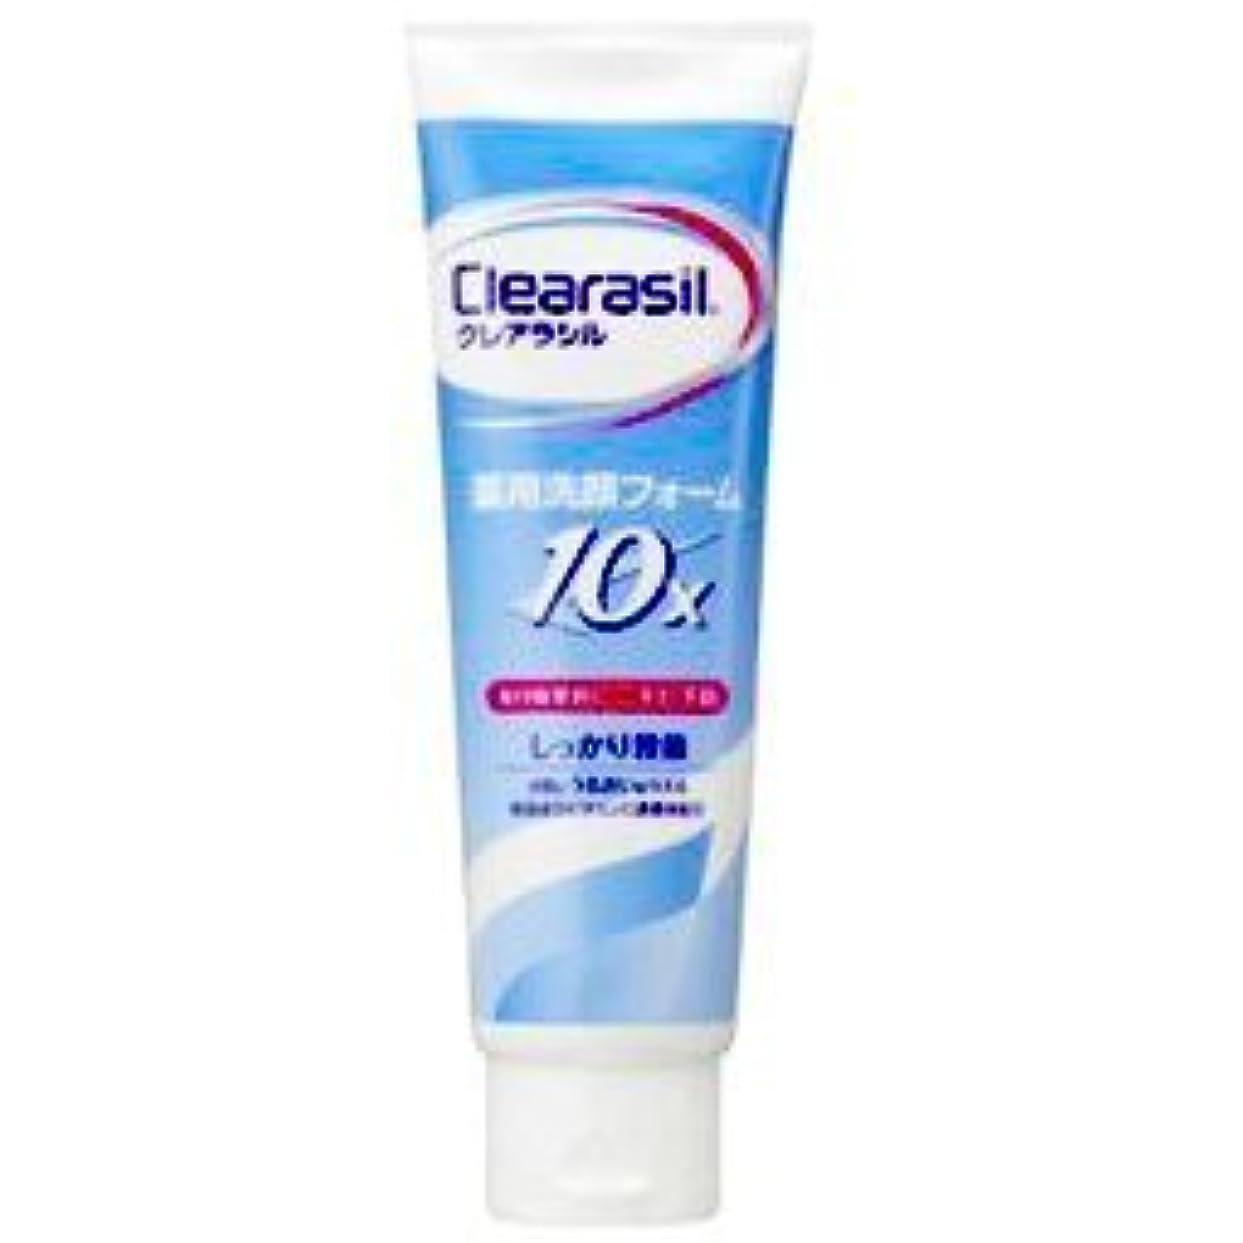 超えてパフ結果としてクレアラシル薬用洗顔フォーム10x ×2セット